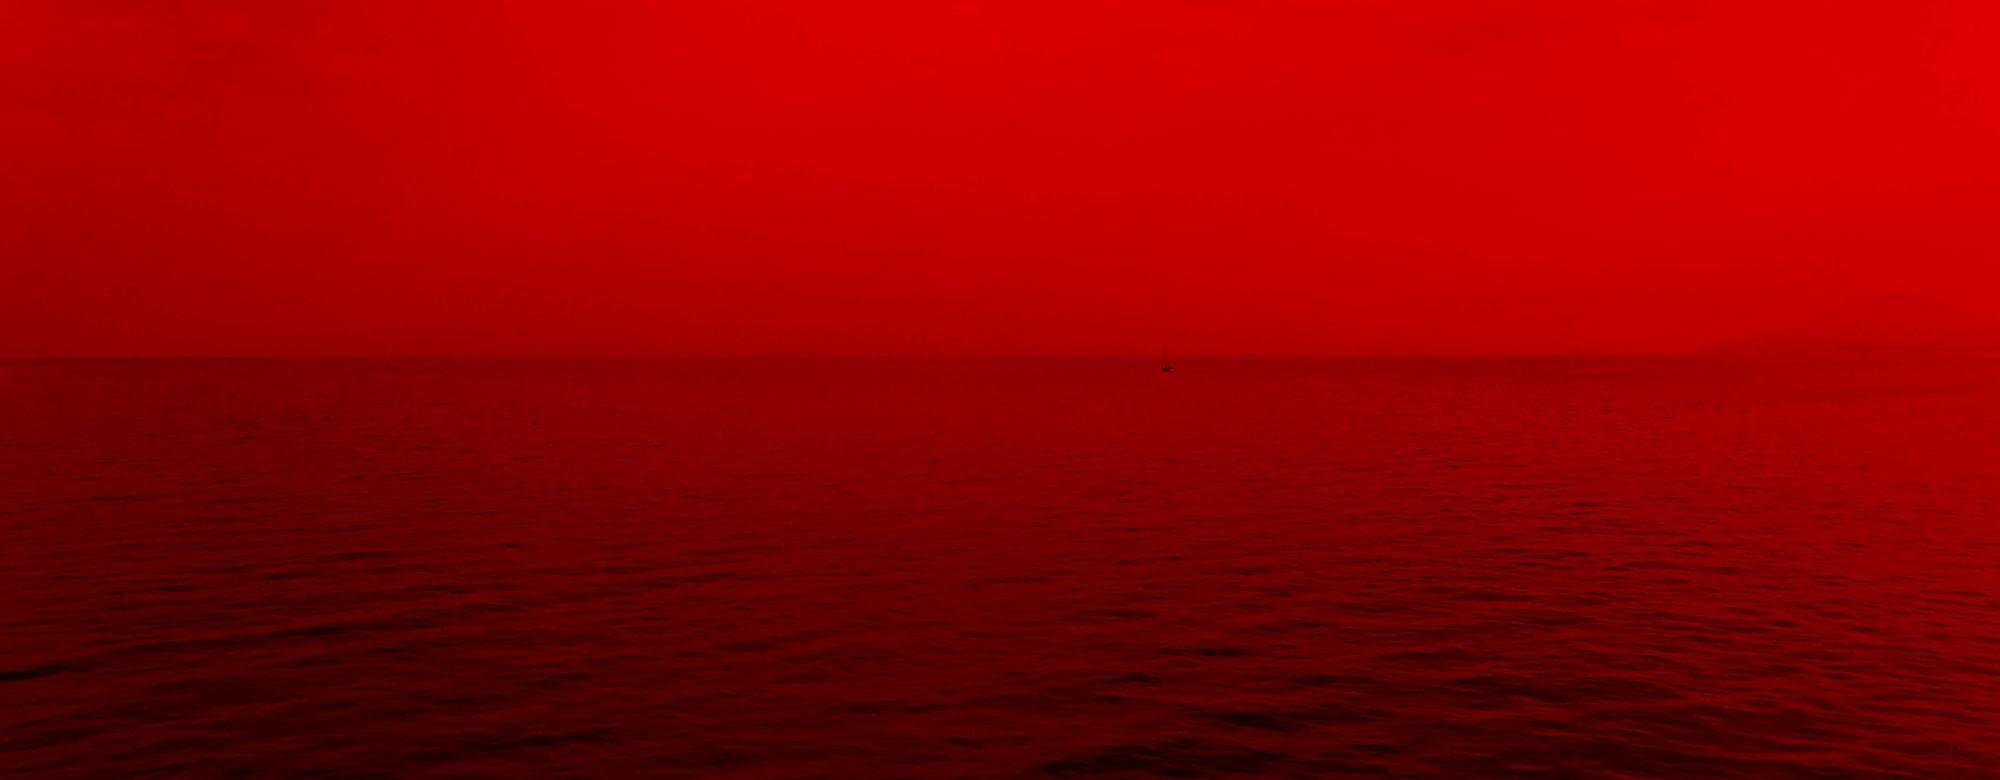 Agências digitais: fuja do oceano vermelho